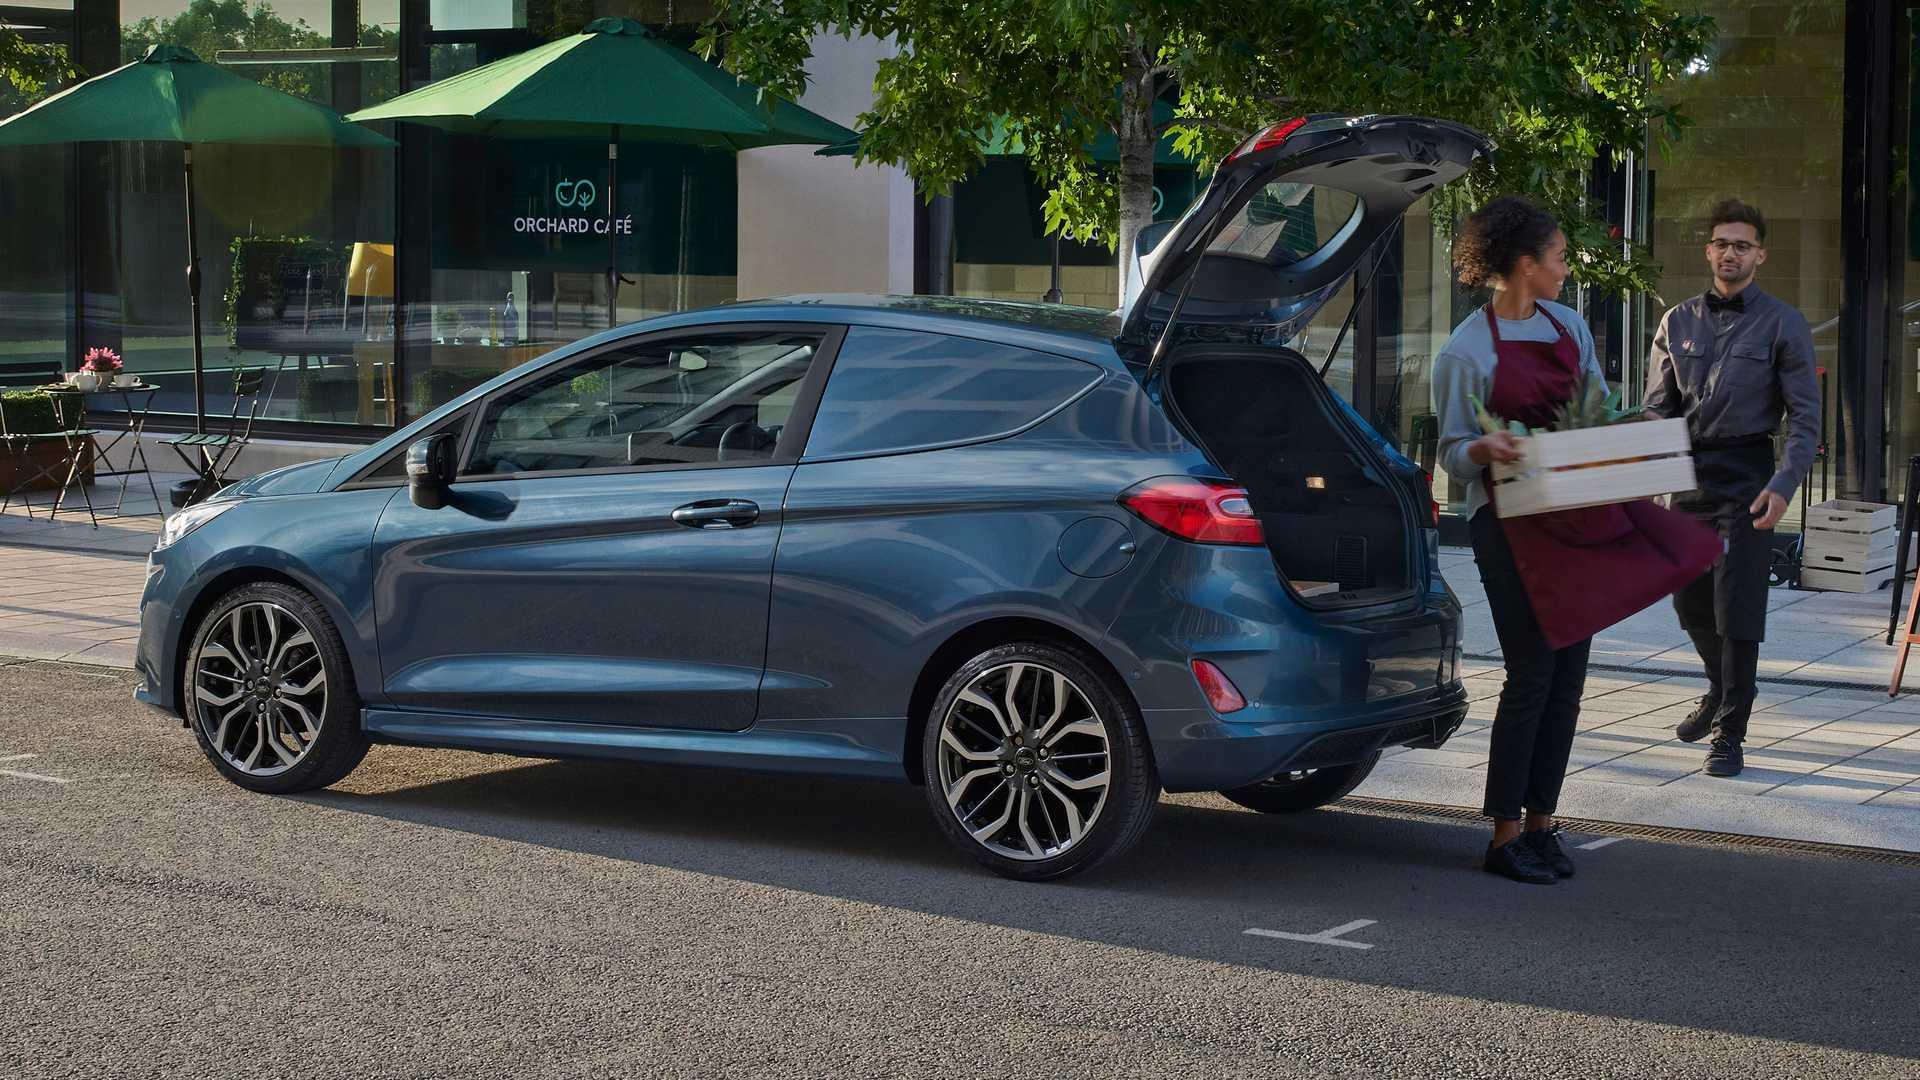 2022-ford-fiesta-van-facelift-5.jpg